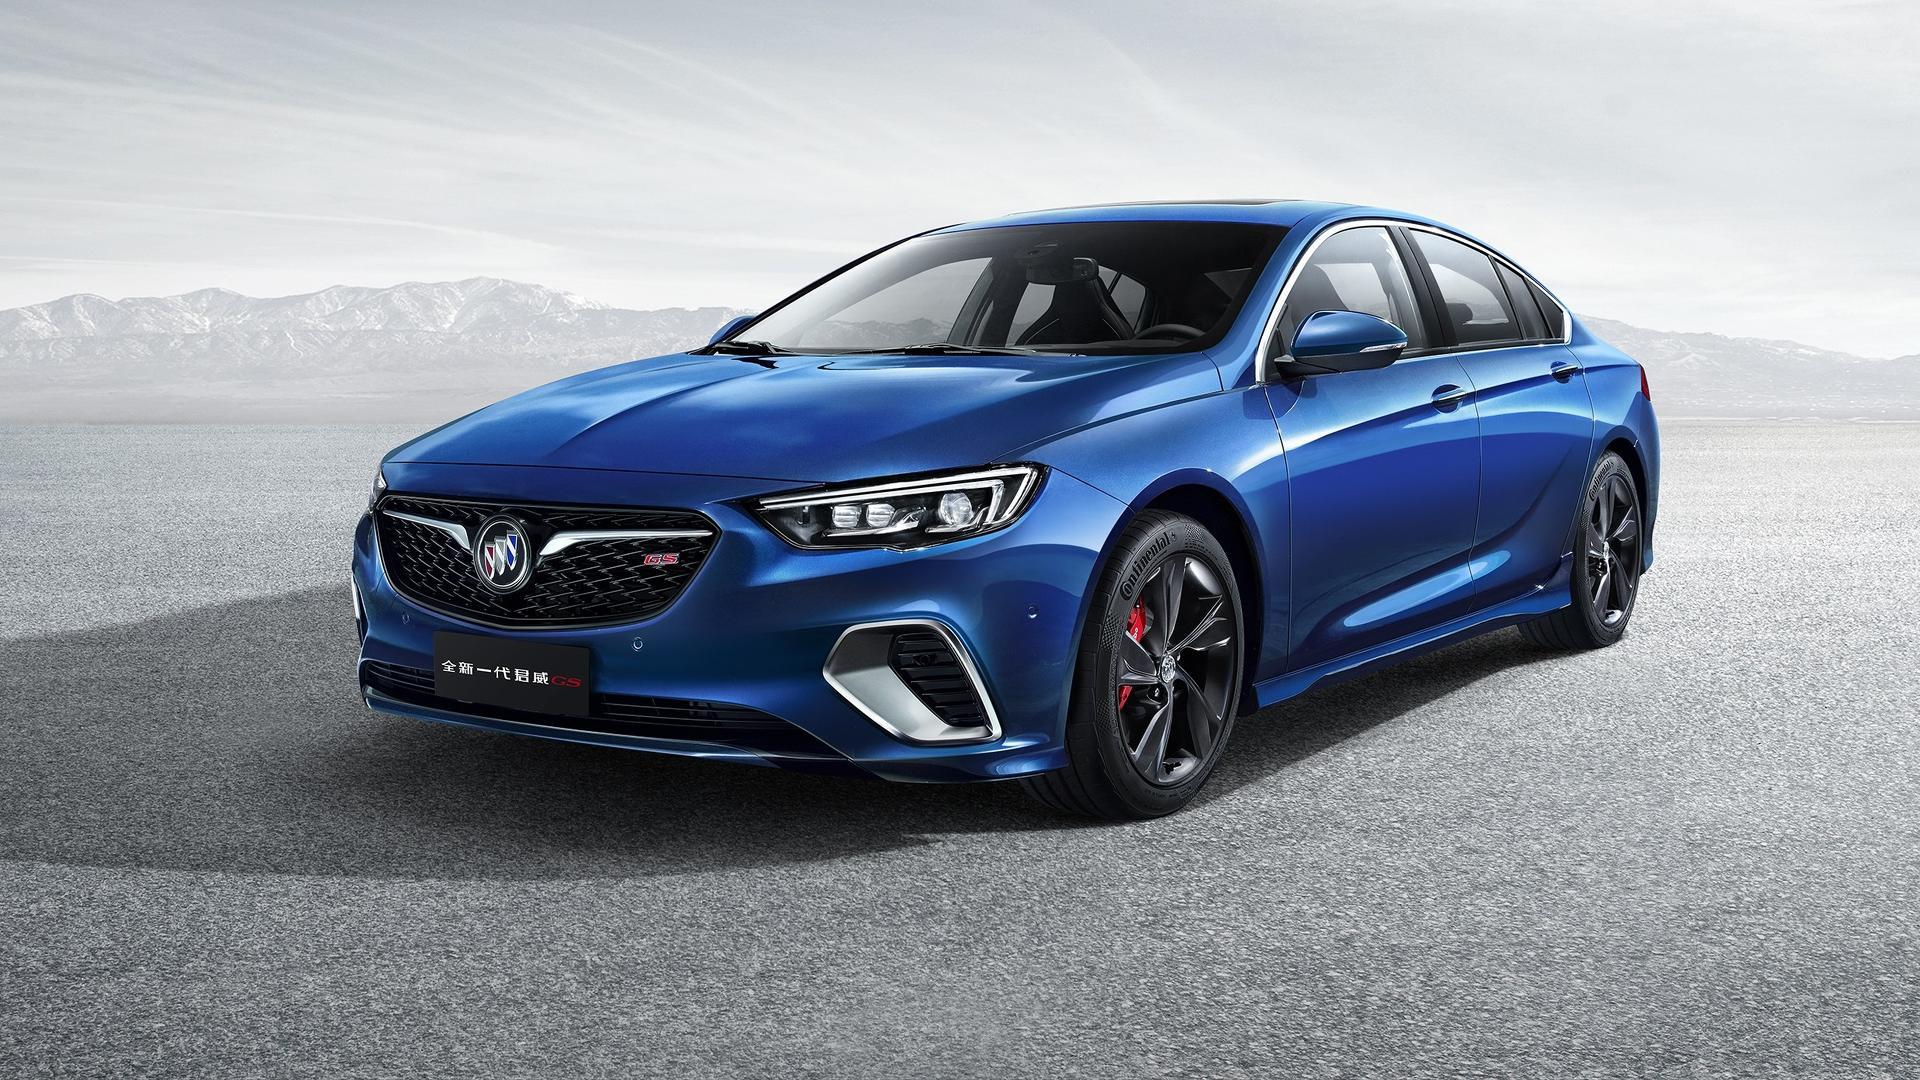 La Buick Regal Gs Arrive L Opel Insigna Opc Devrait Suivre